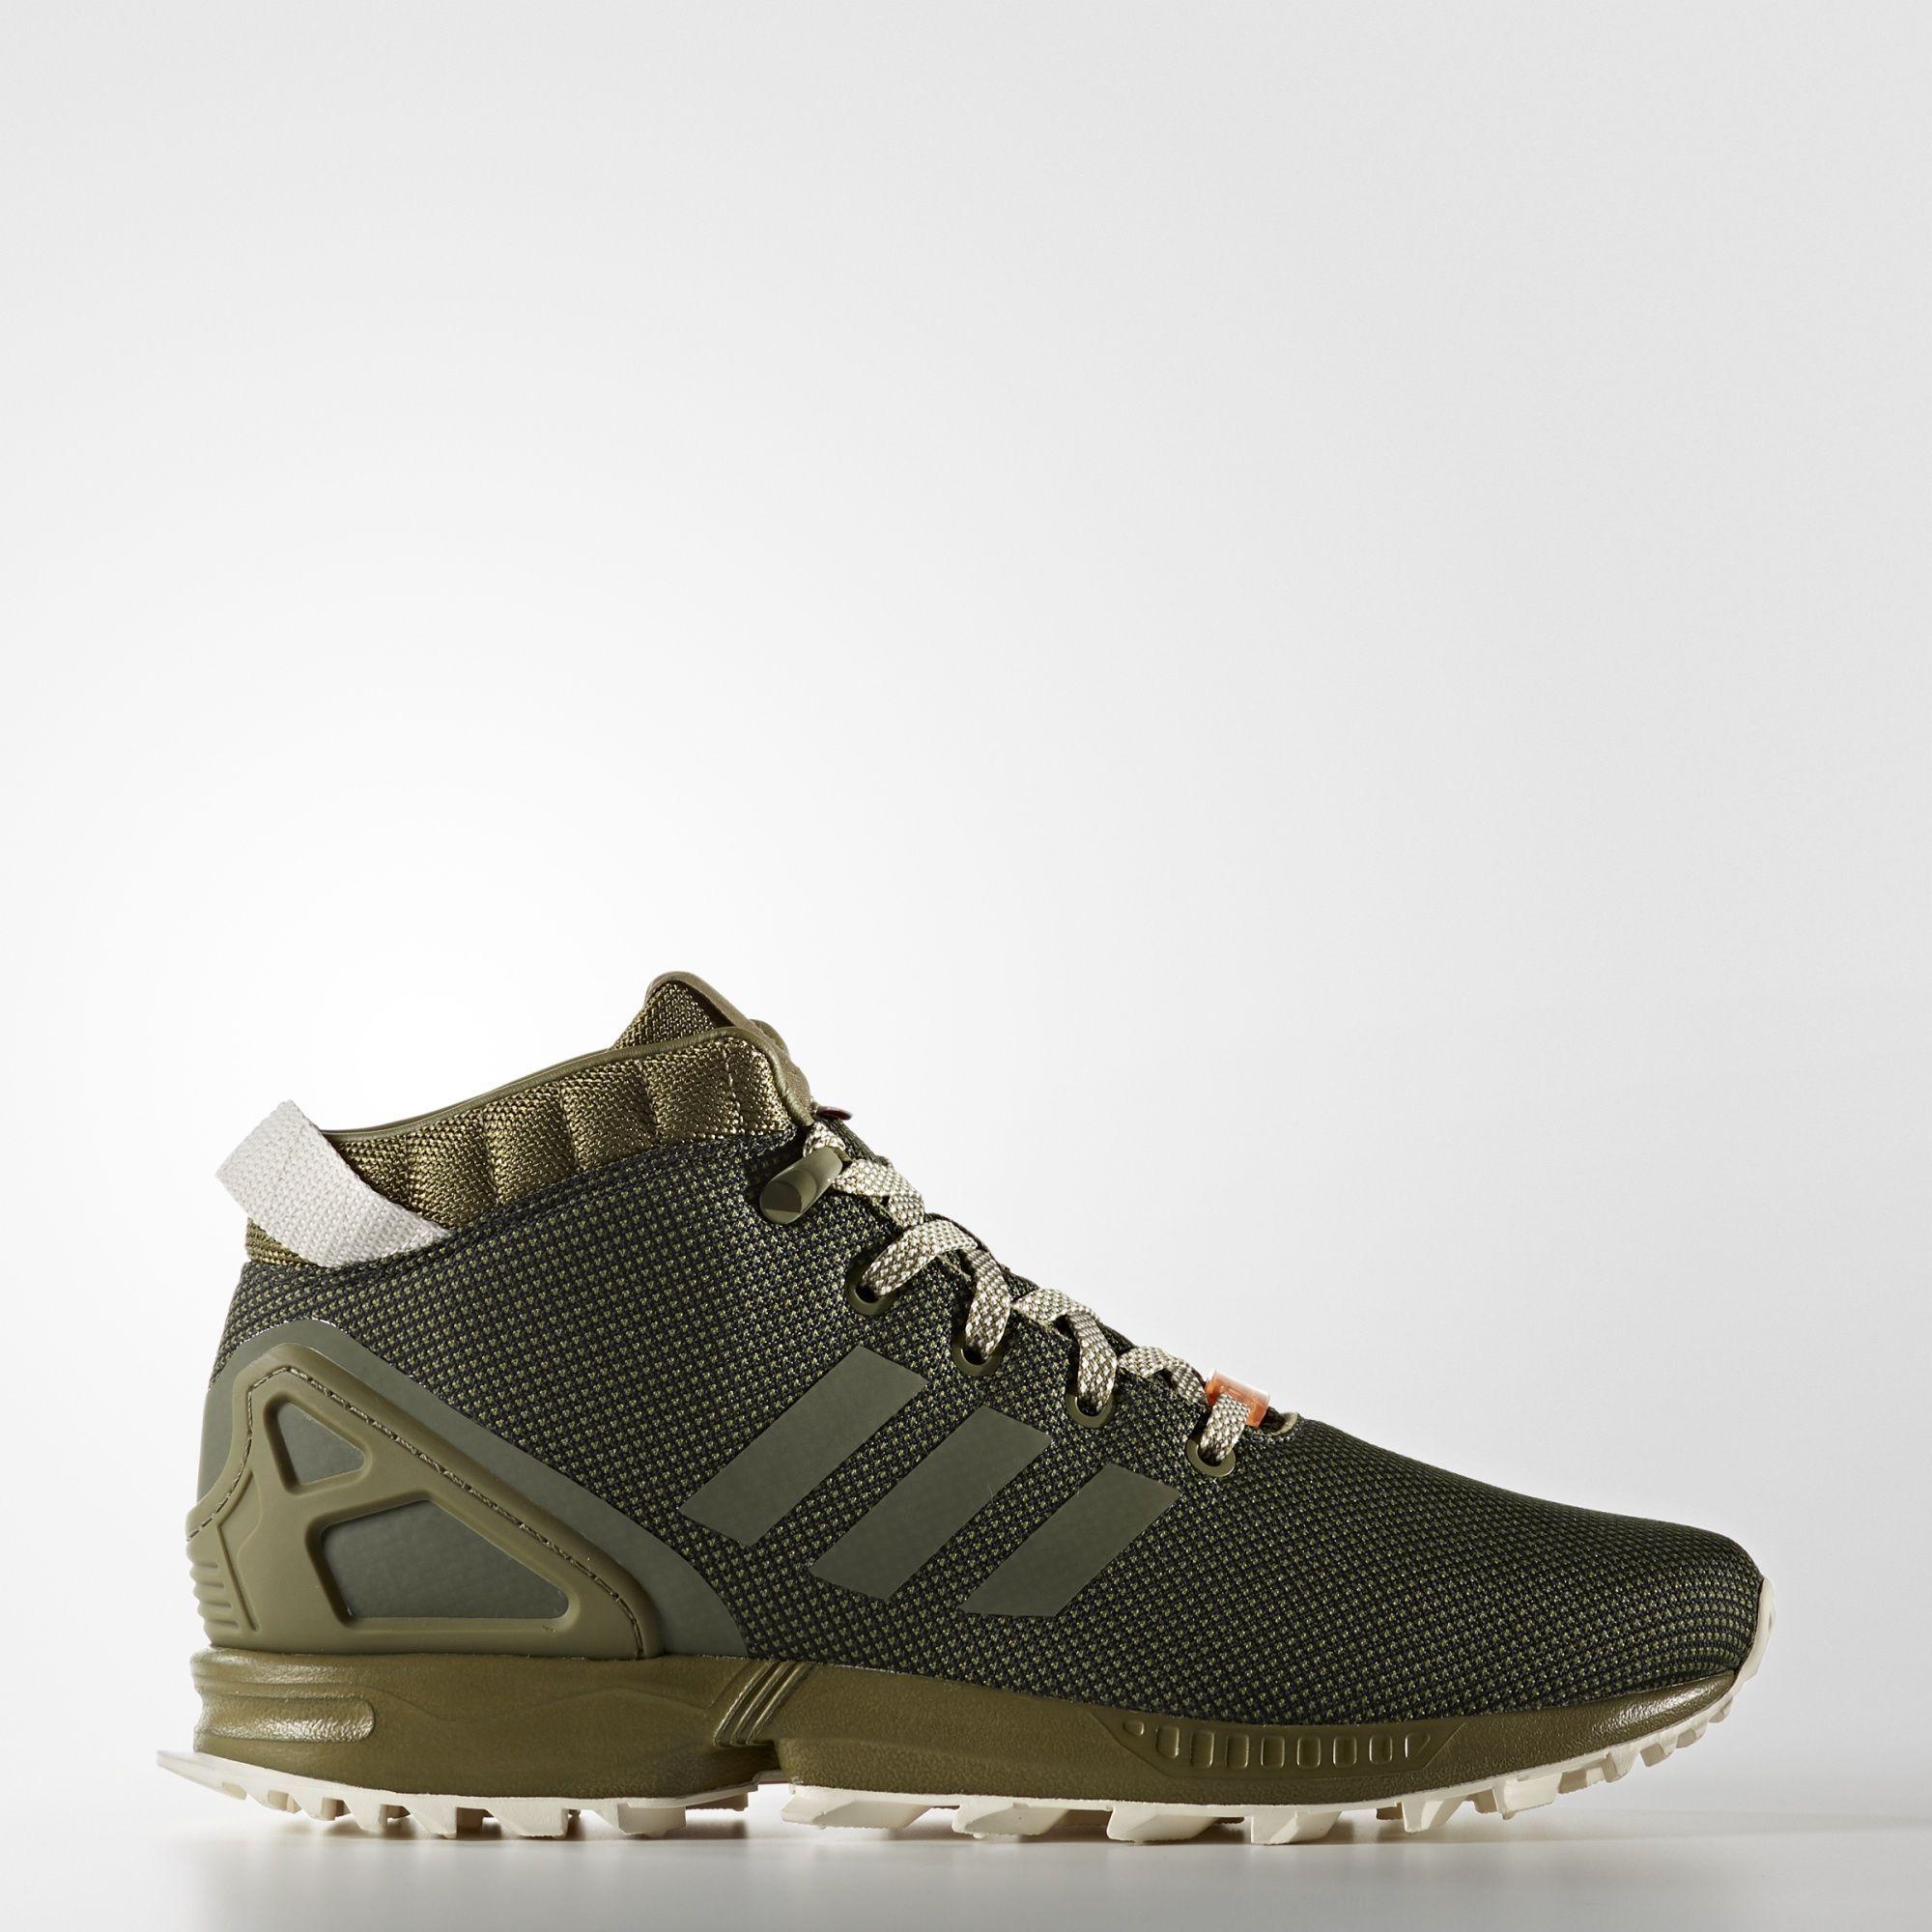 adidas zx flux 5/8 green